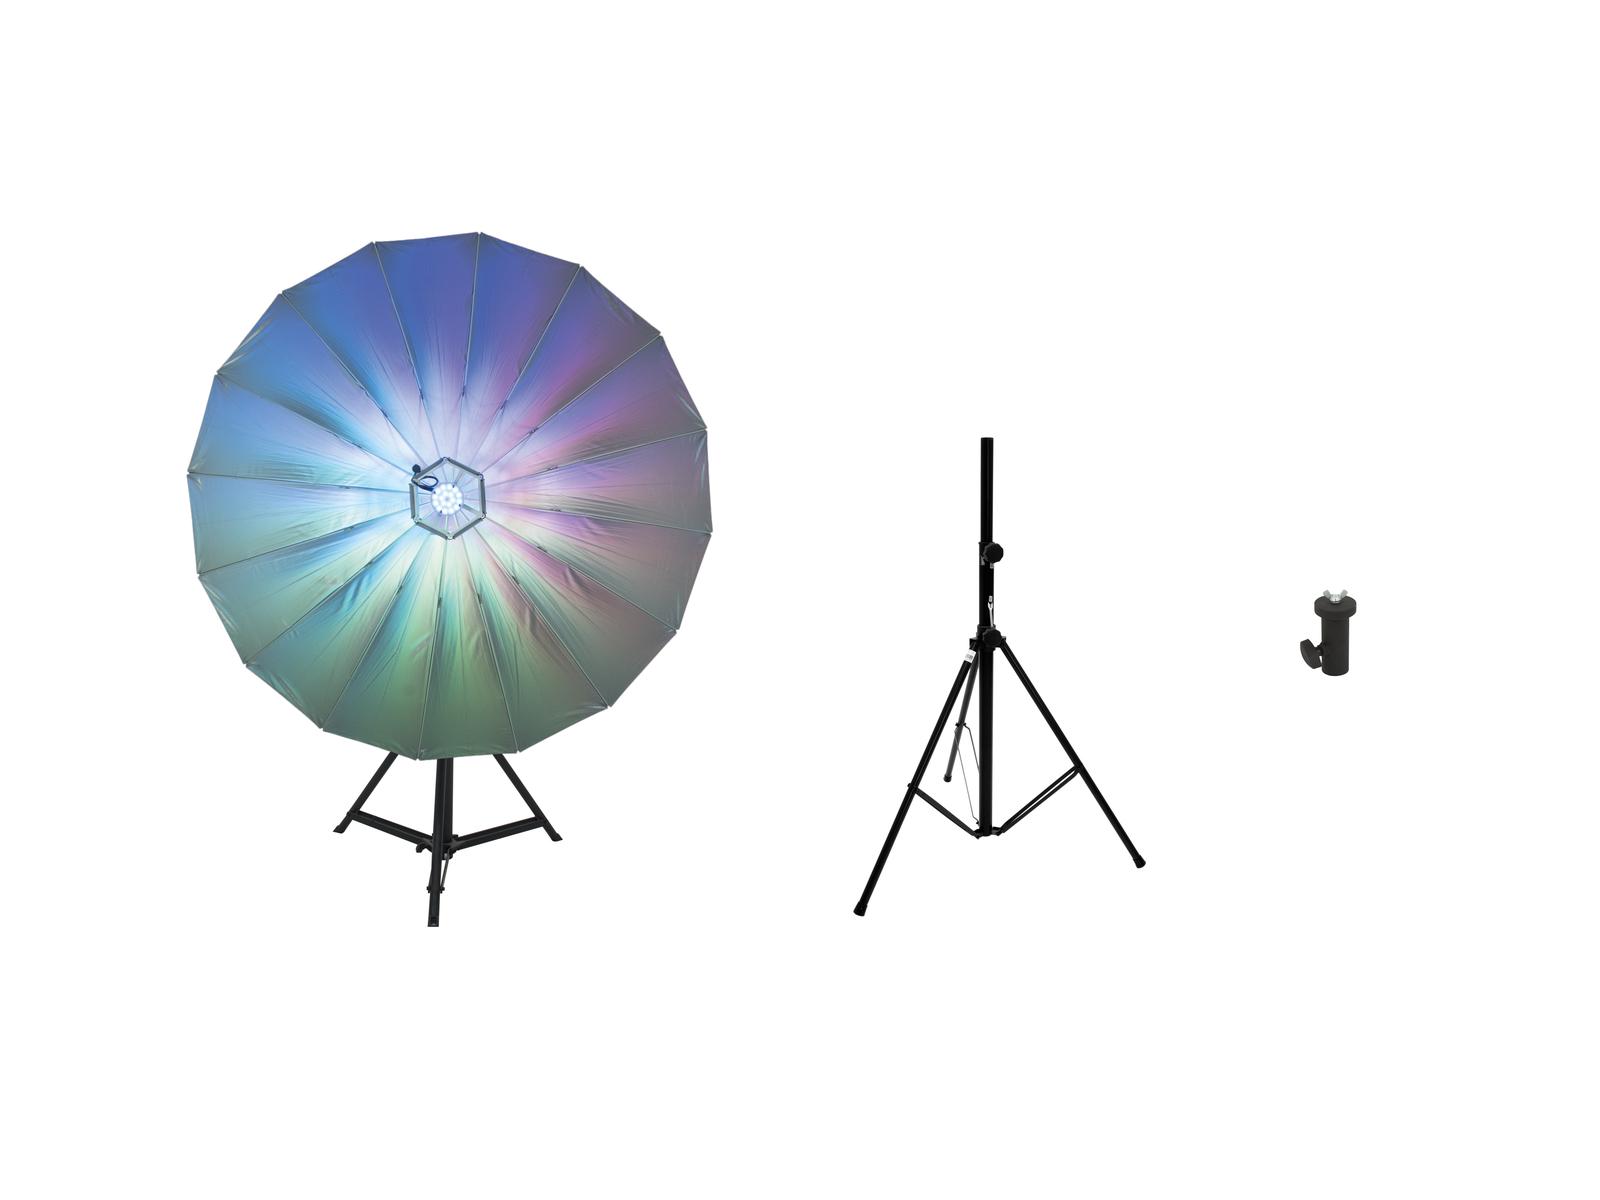 eurolite-set-led-umbrella-140-bs-2-eu